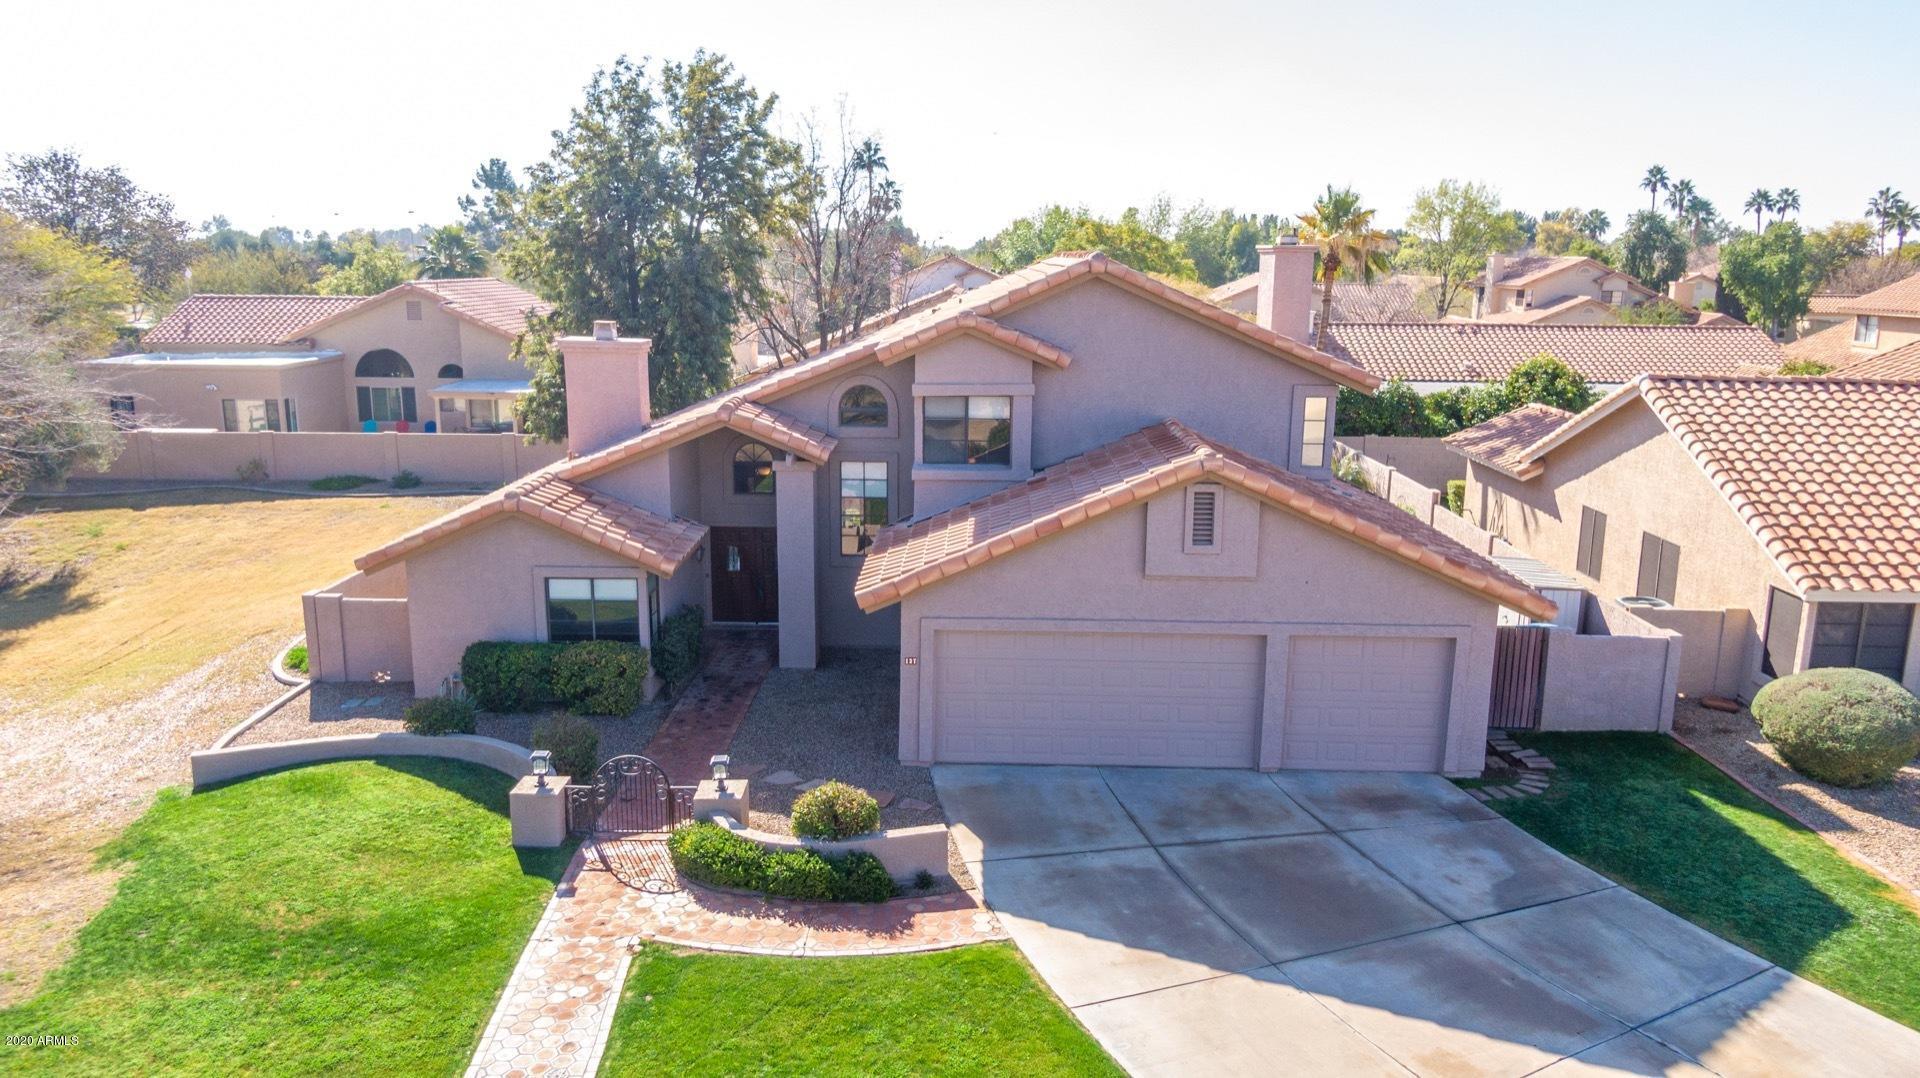 Photo of 137 W CAROLINE Lane, Tempe, AZ 85284